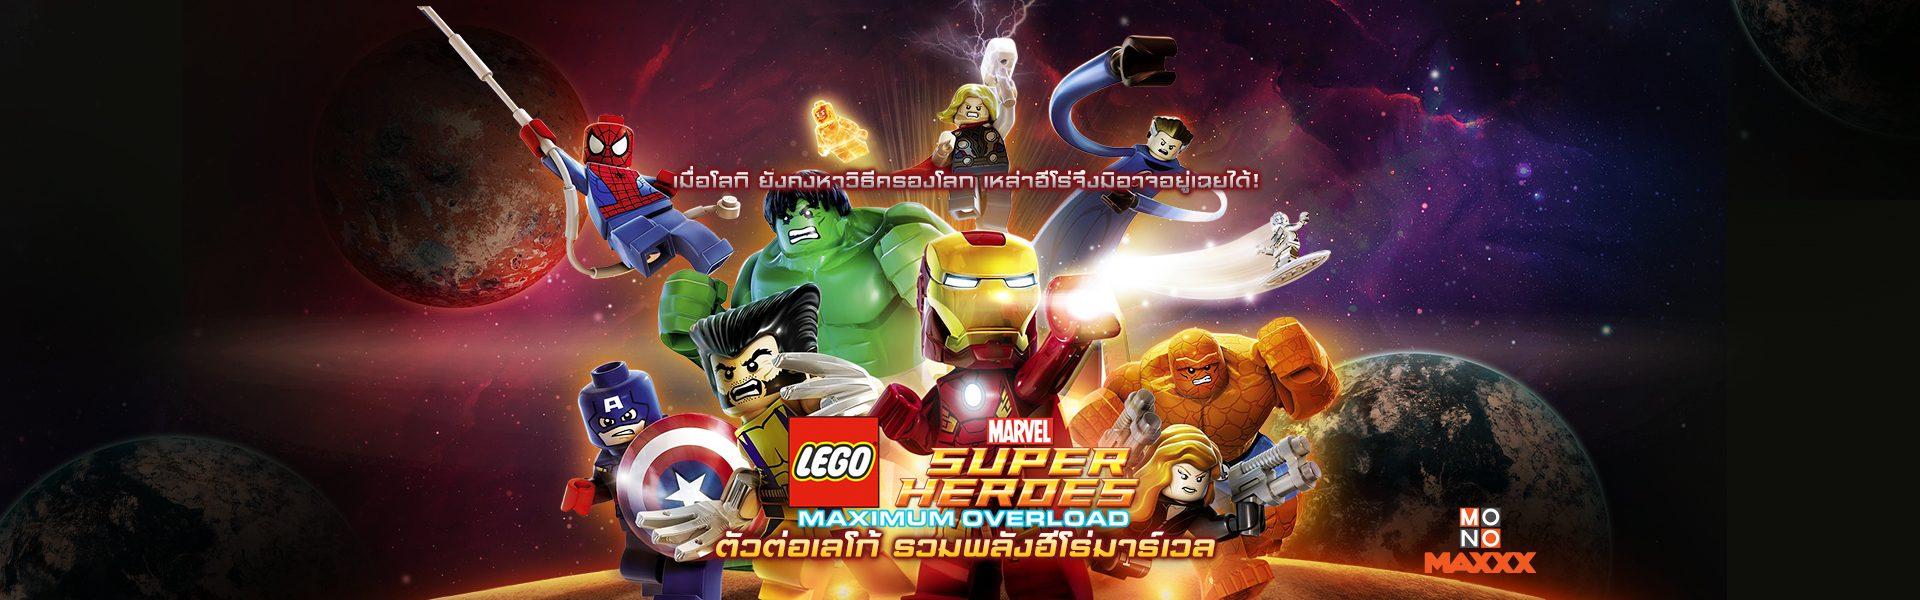 LEGO Marvel Super Heroes Maximum Overload (TV Special) S.01